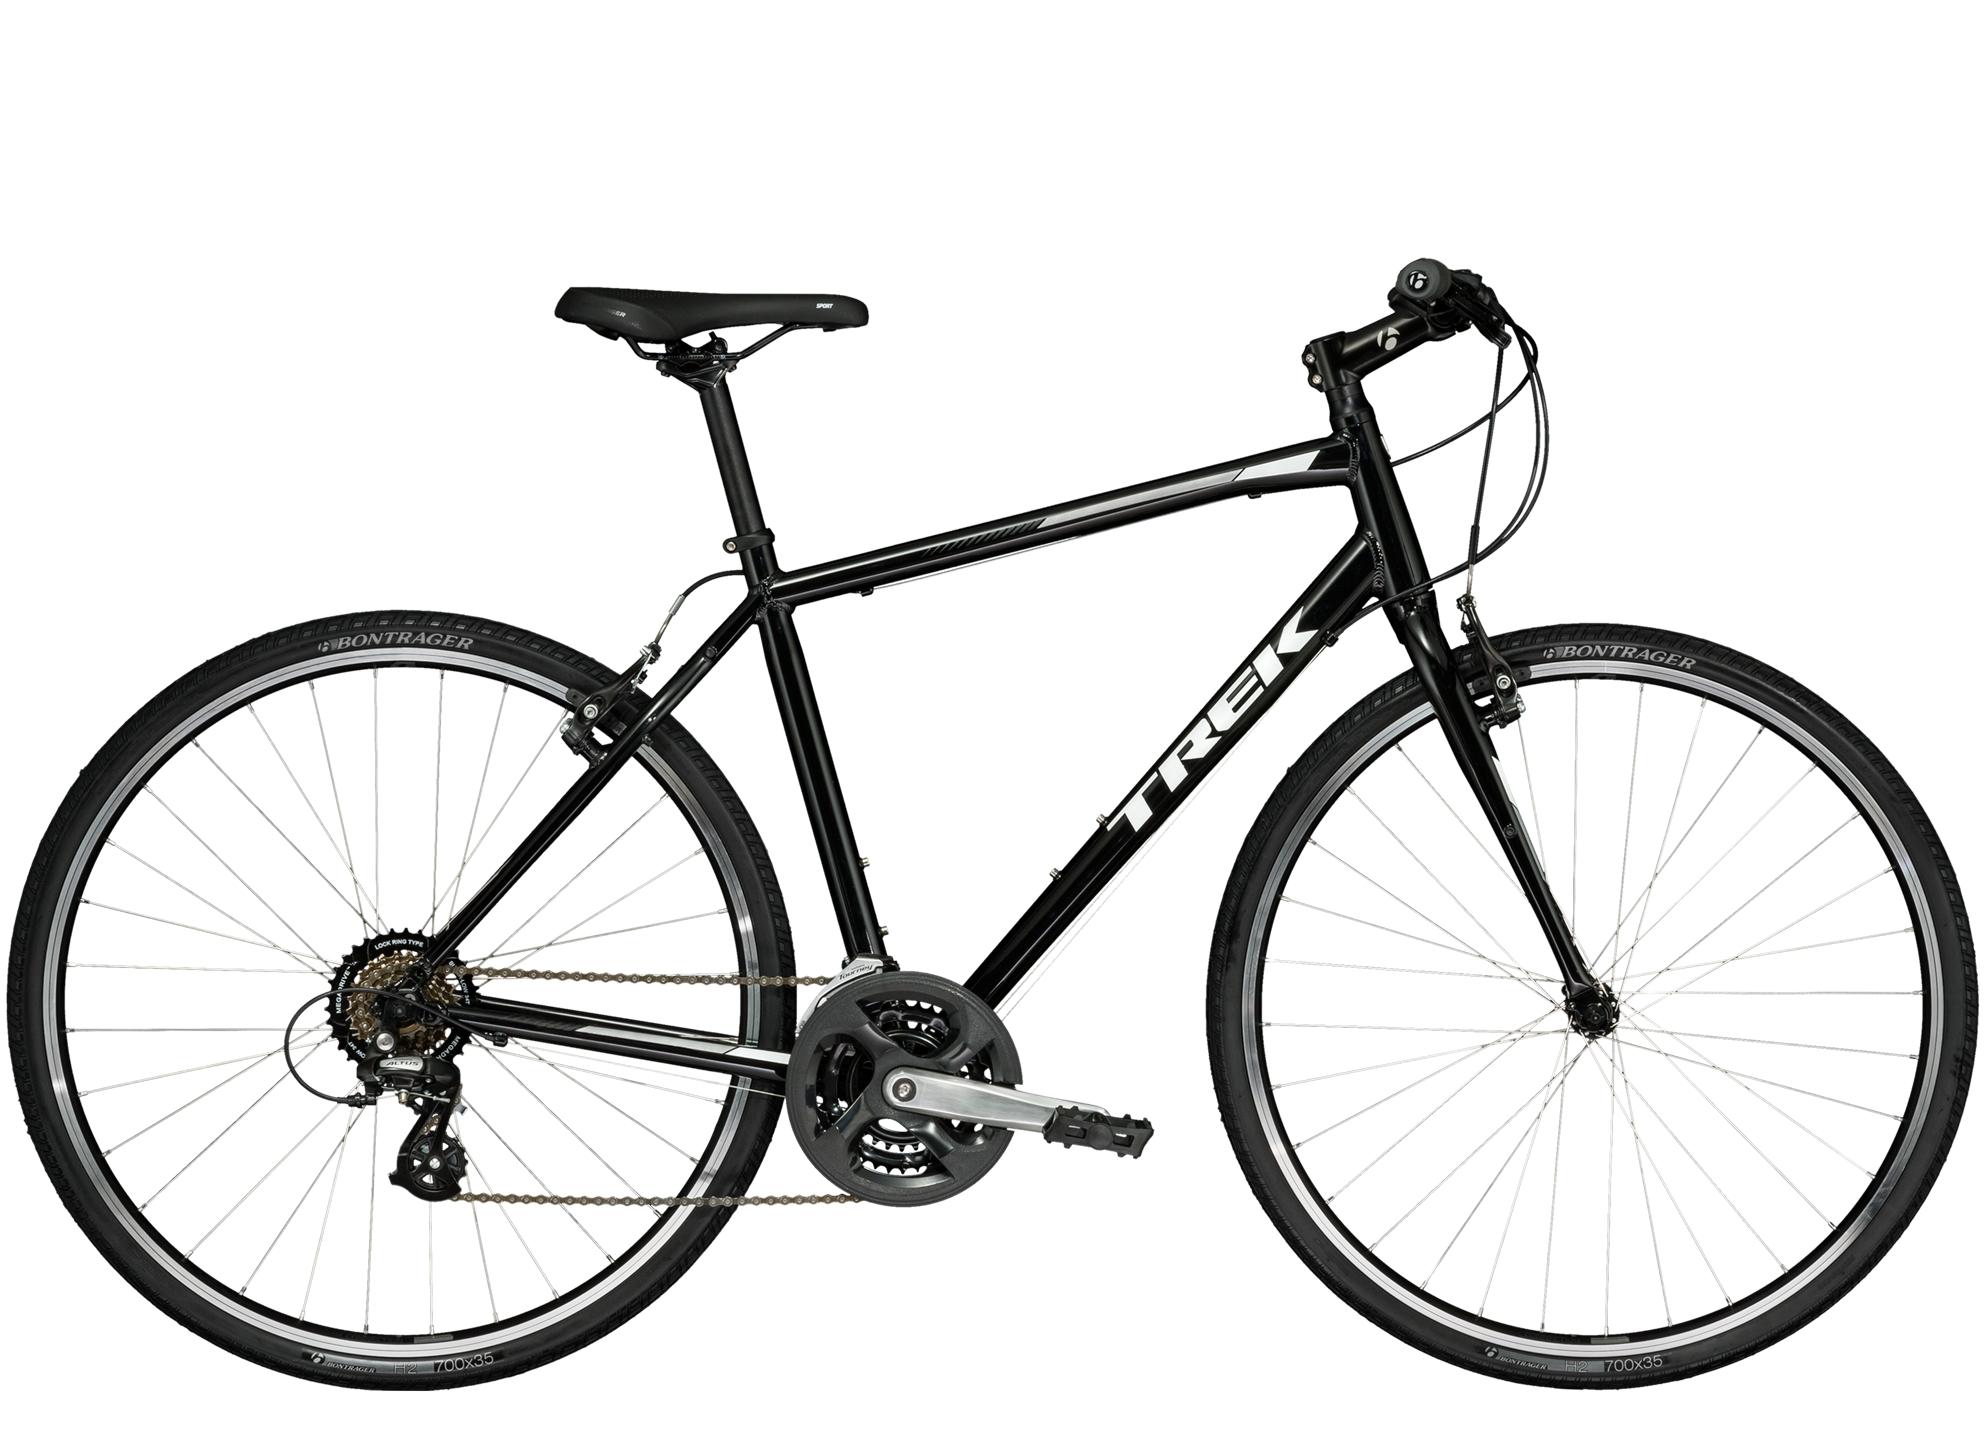 Trek FX 1 hybrid bike